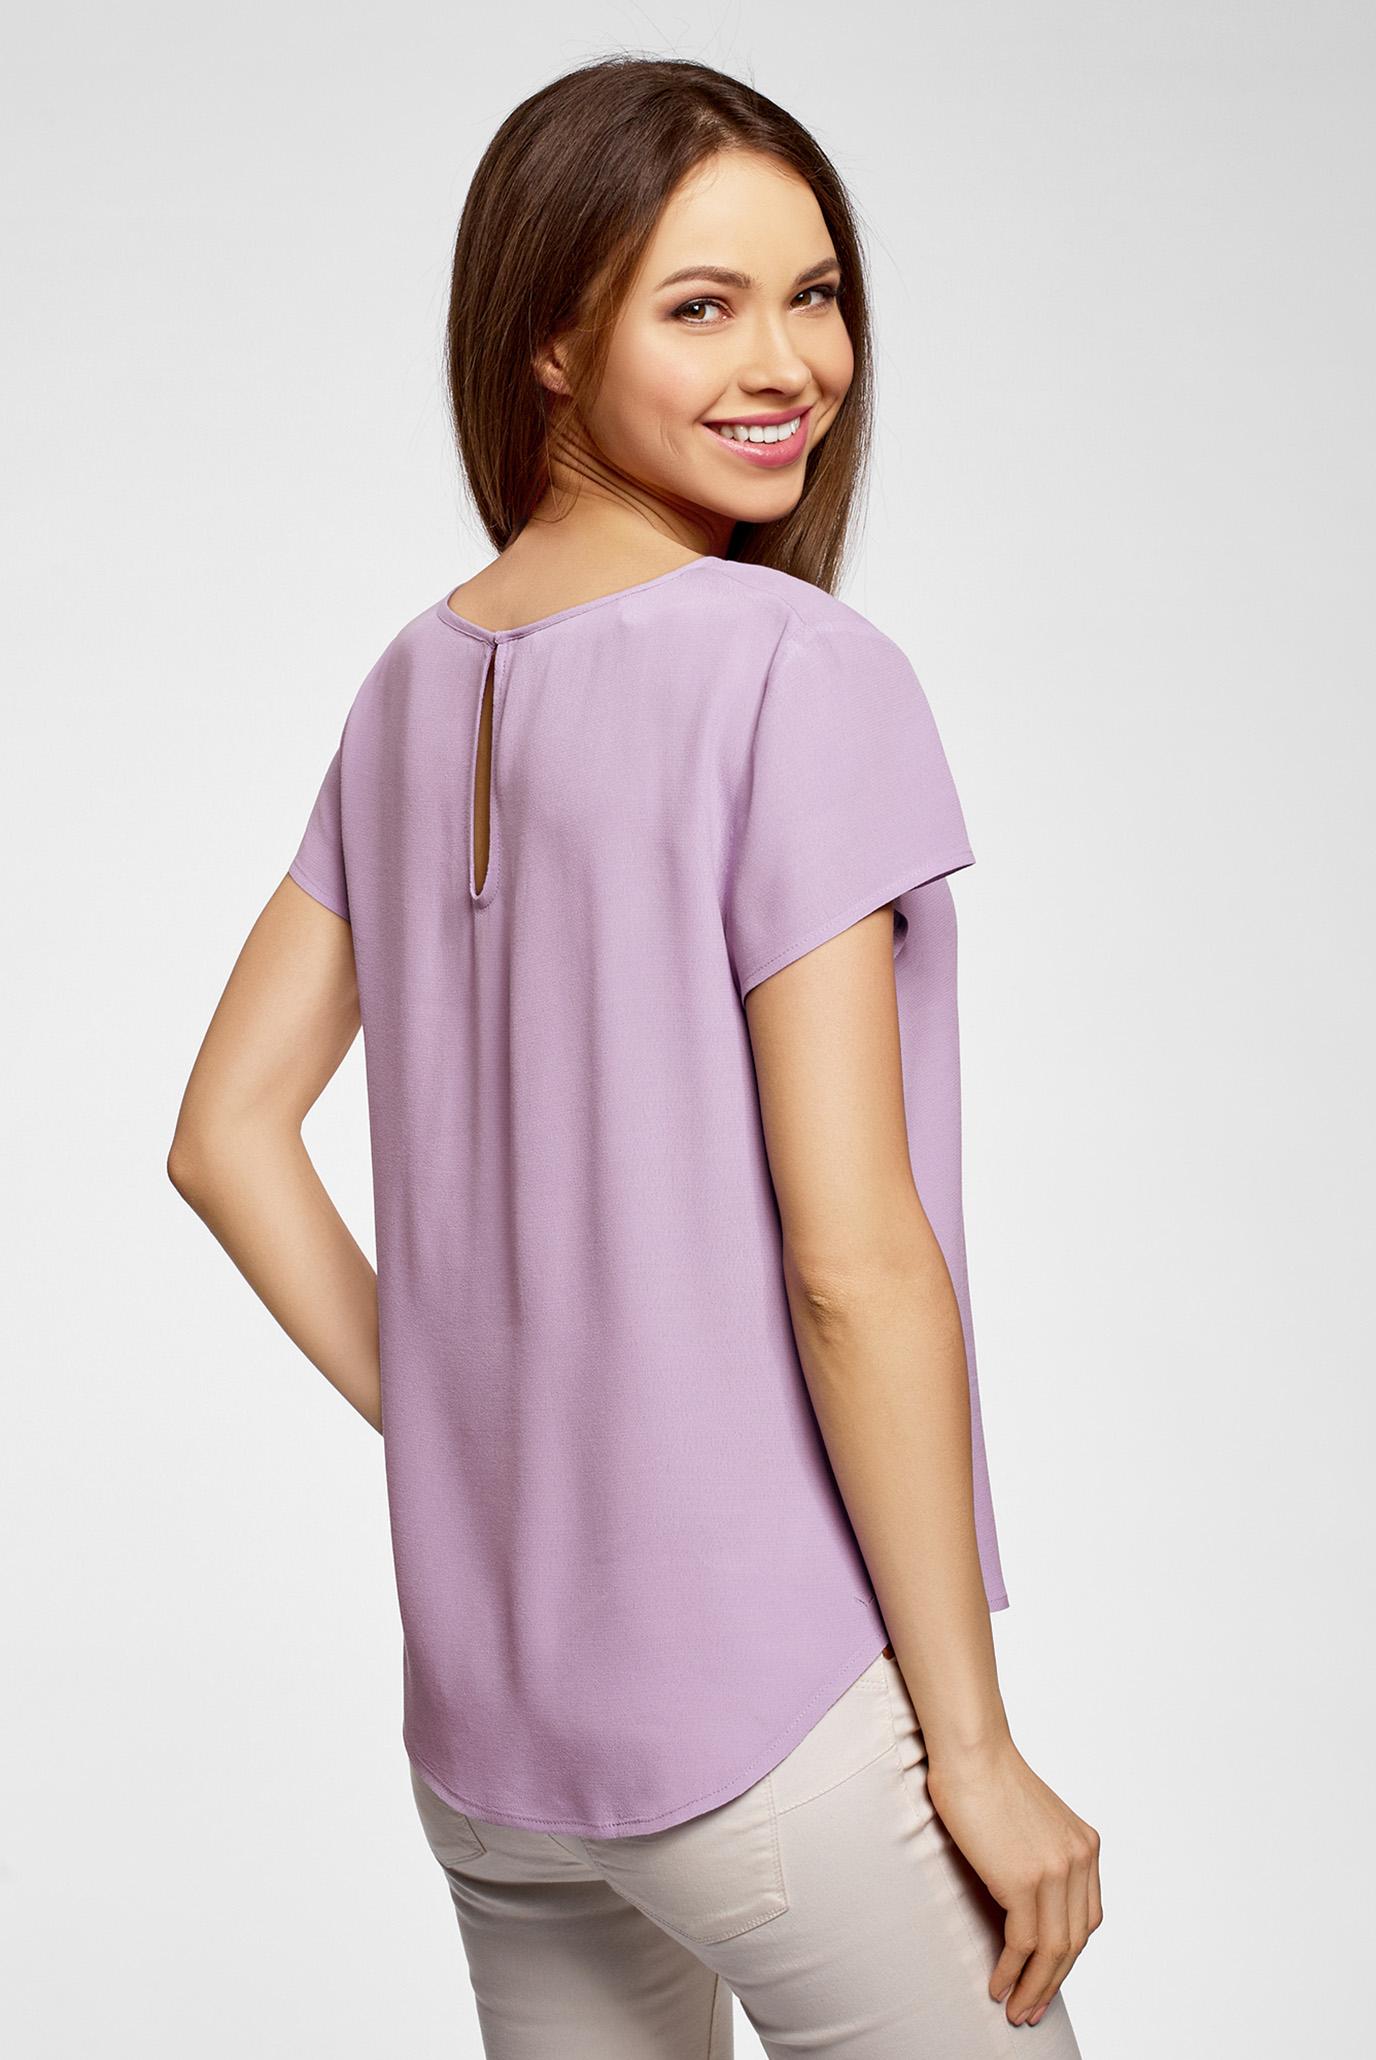 Купить Женская сиреневая блуза Oodji Oodji 11411138B/46249/8001N – Киев, Украина. Цены в интернет магазине MD Fashion